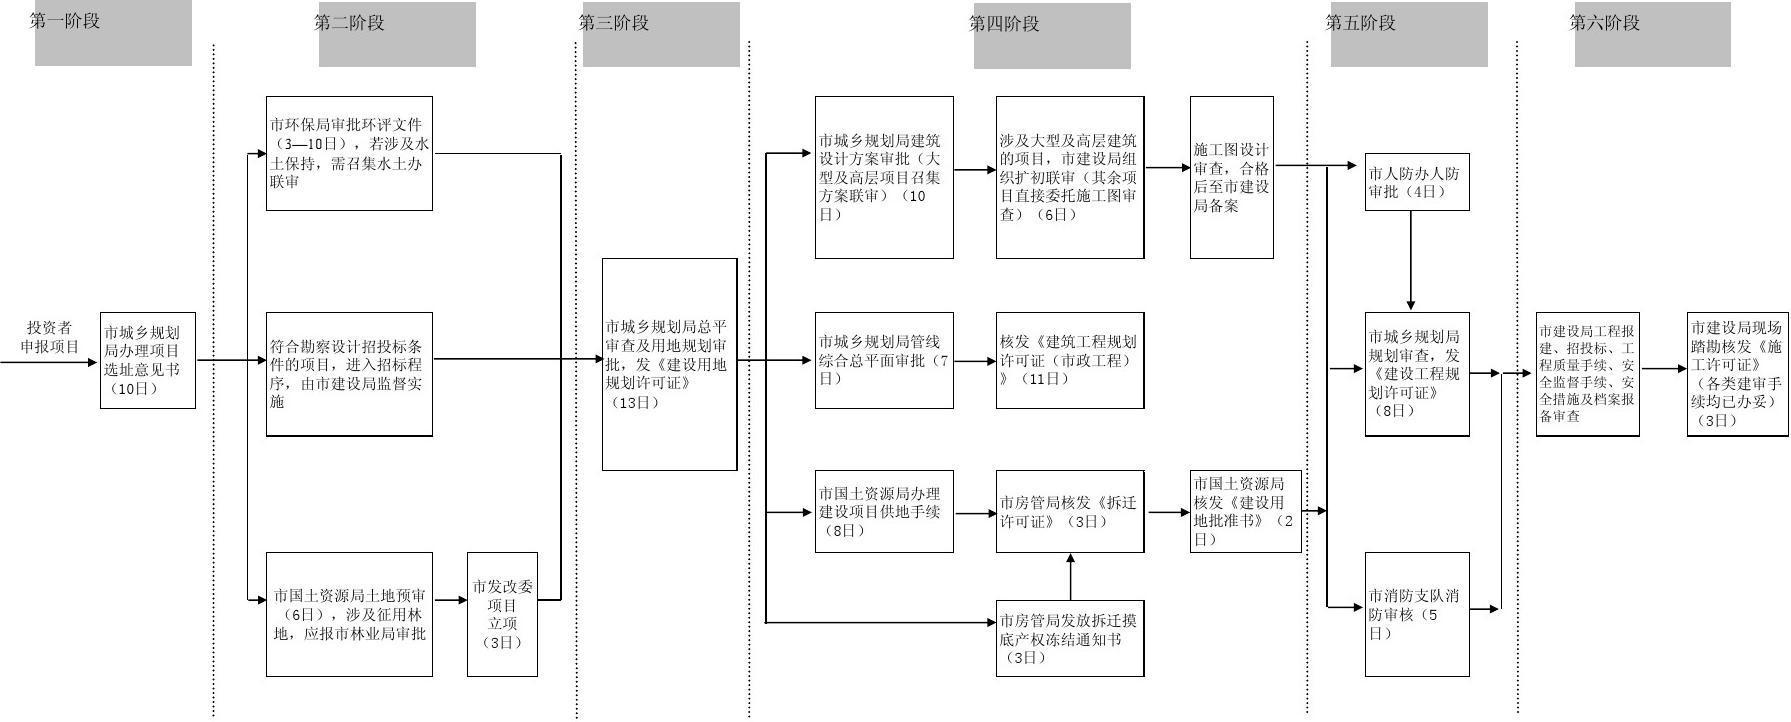 所有分类 工程科技 建筑/土木 福州市建设项目审批流程图  施工图设计图片